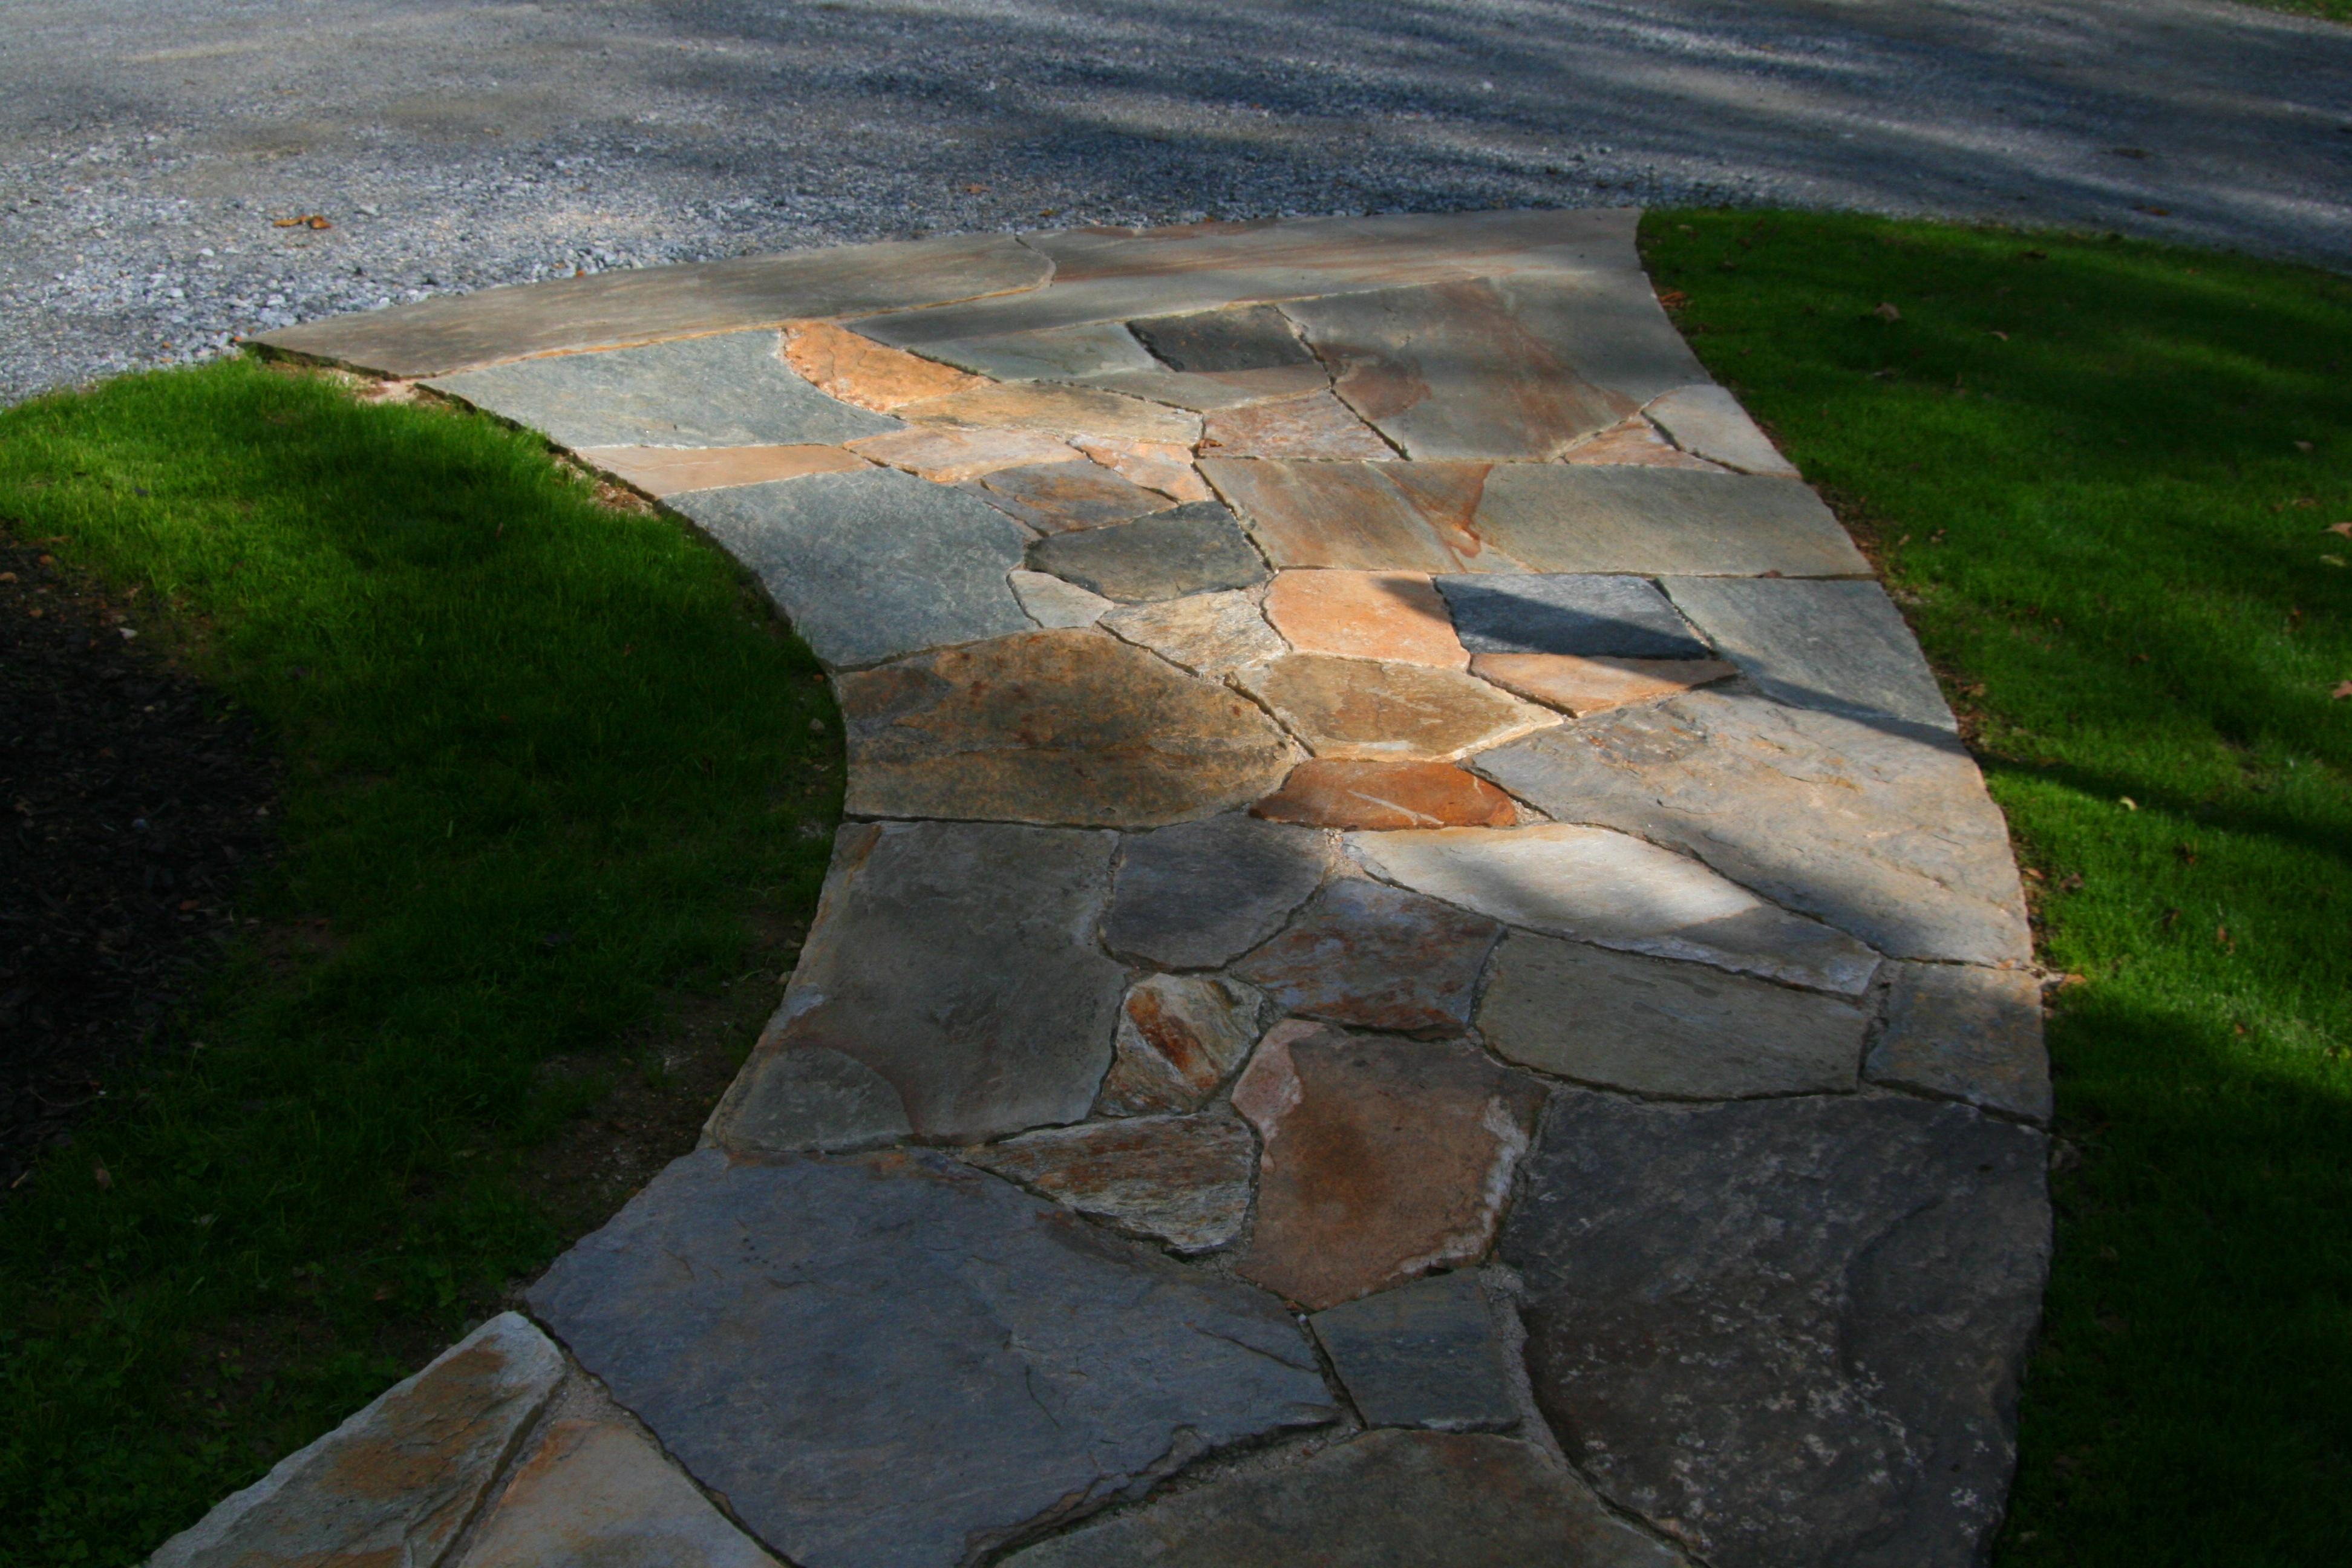 A Curved Stone Sidewalk